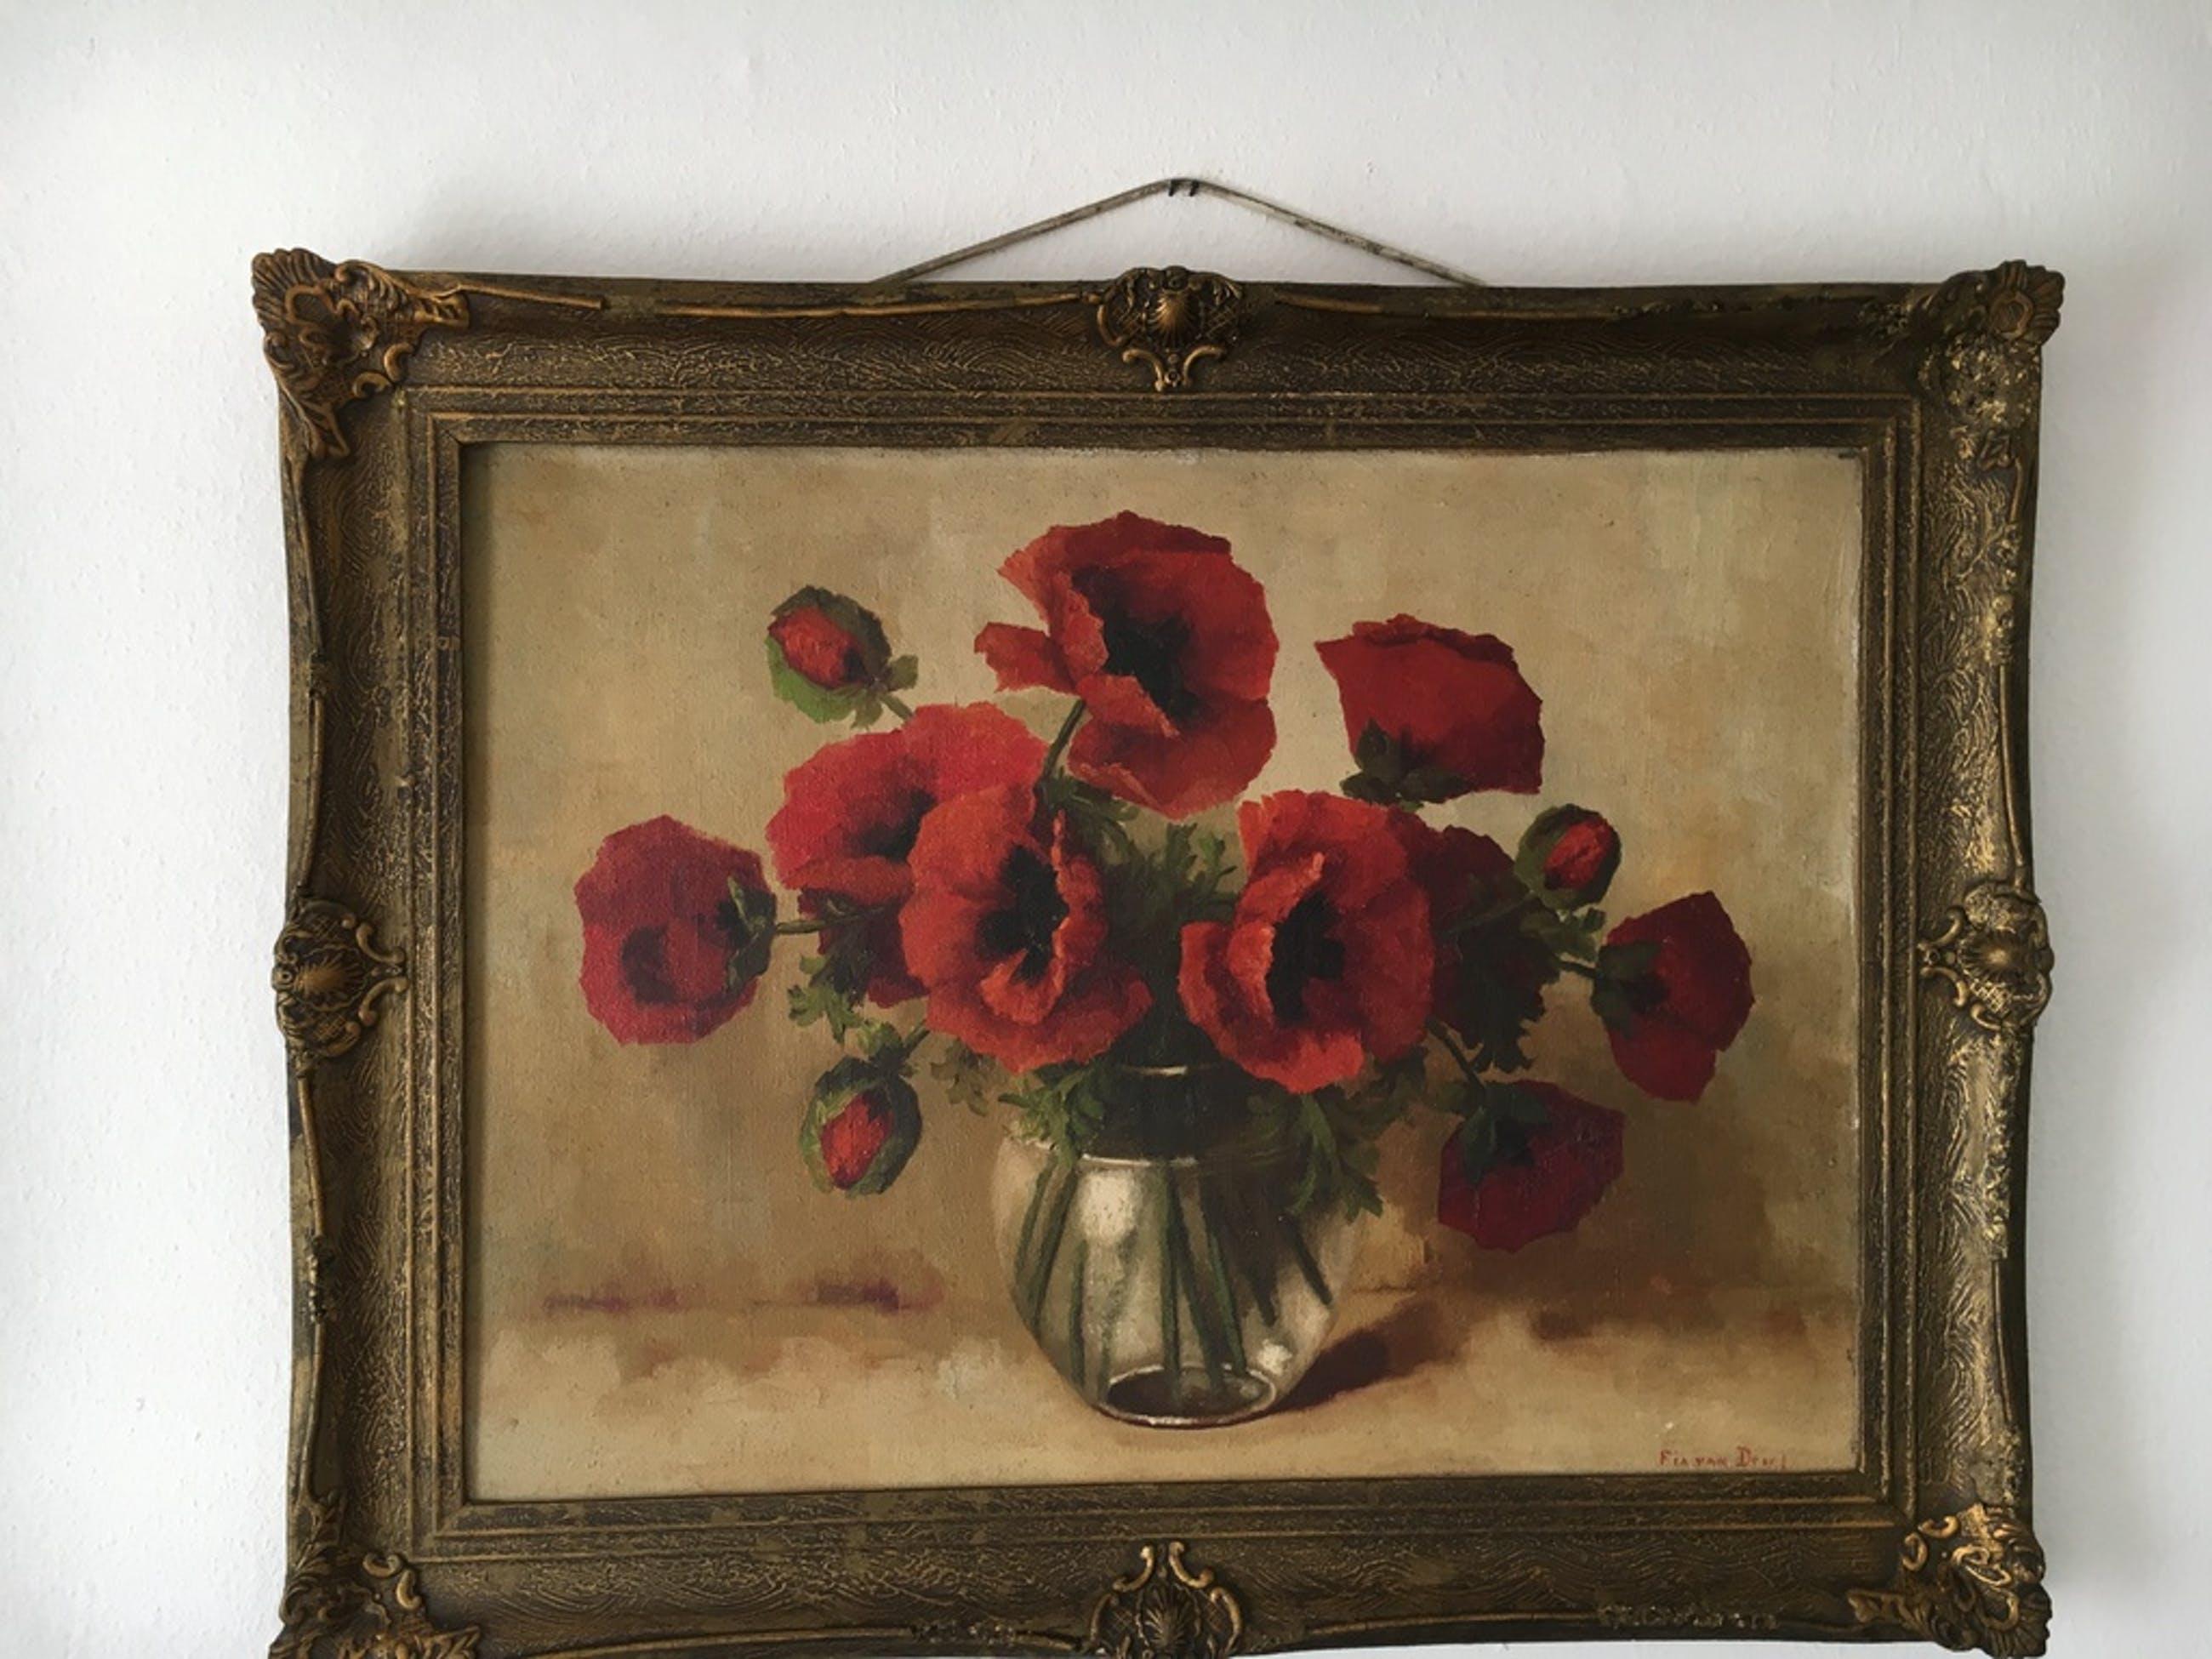 Fia van Driel  ,  Olieverf schilderij ,  Stil leven , Klaprozen in glazen pot    kopen? Bied vanaf 1000!